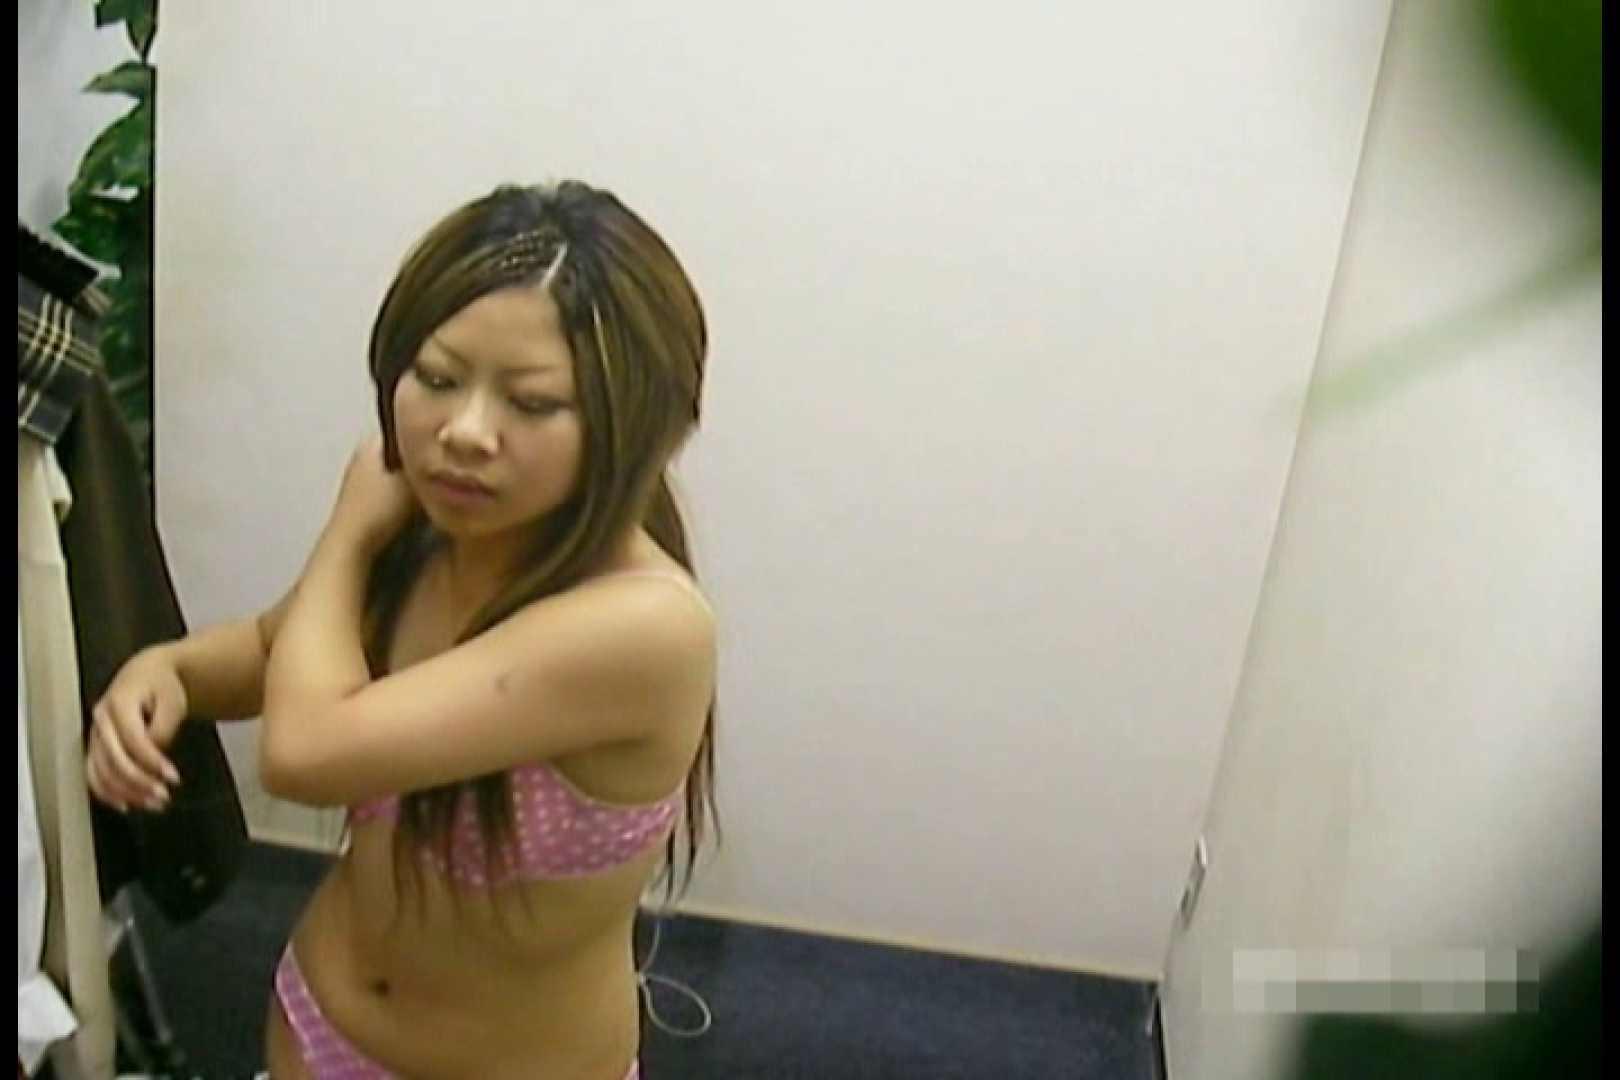 素人撮影 下着だけの撮影のはずが・・・幸子18歳 盗撮特撮 すけべAV動画紹介 13pic 7